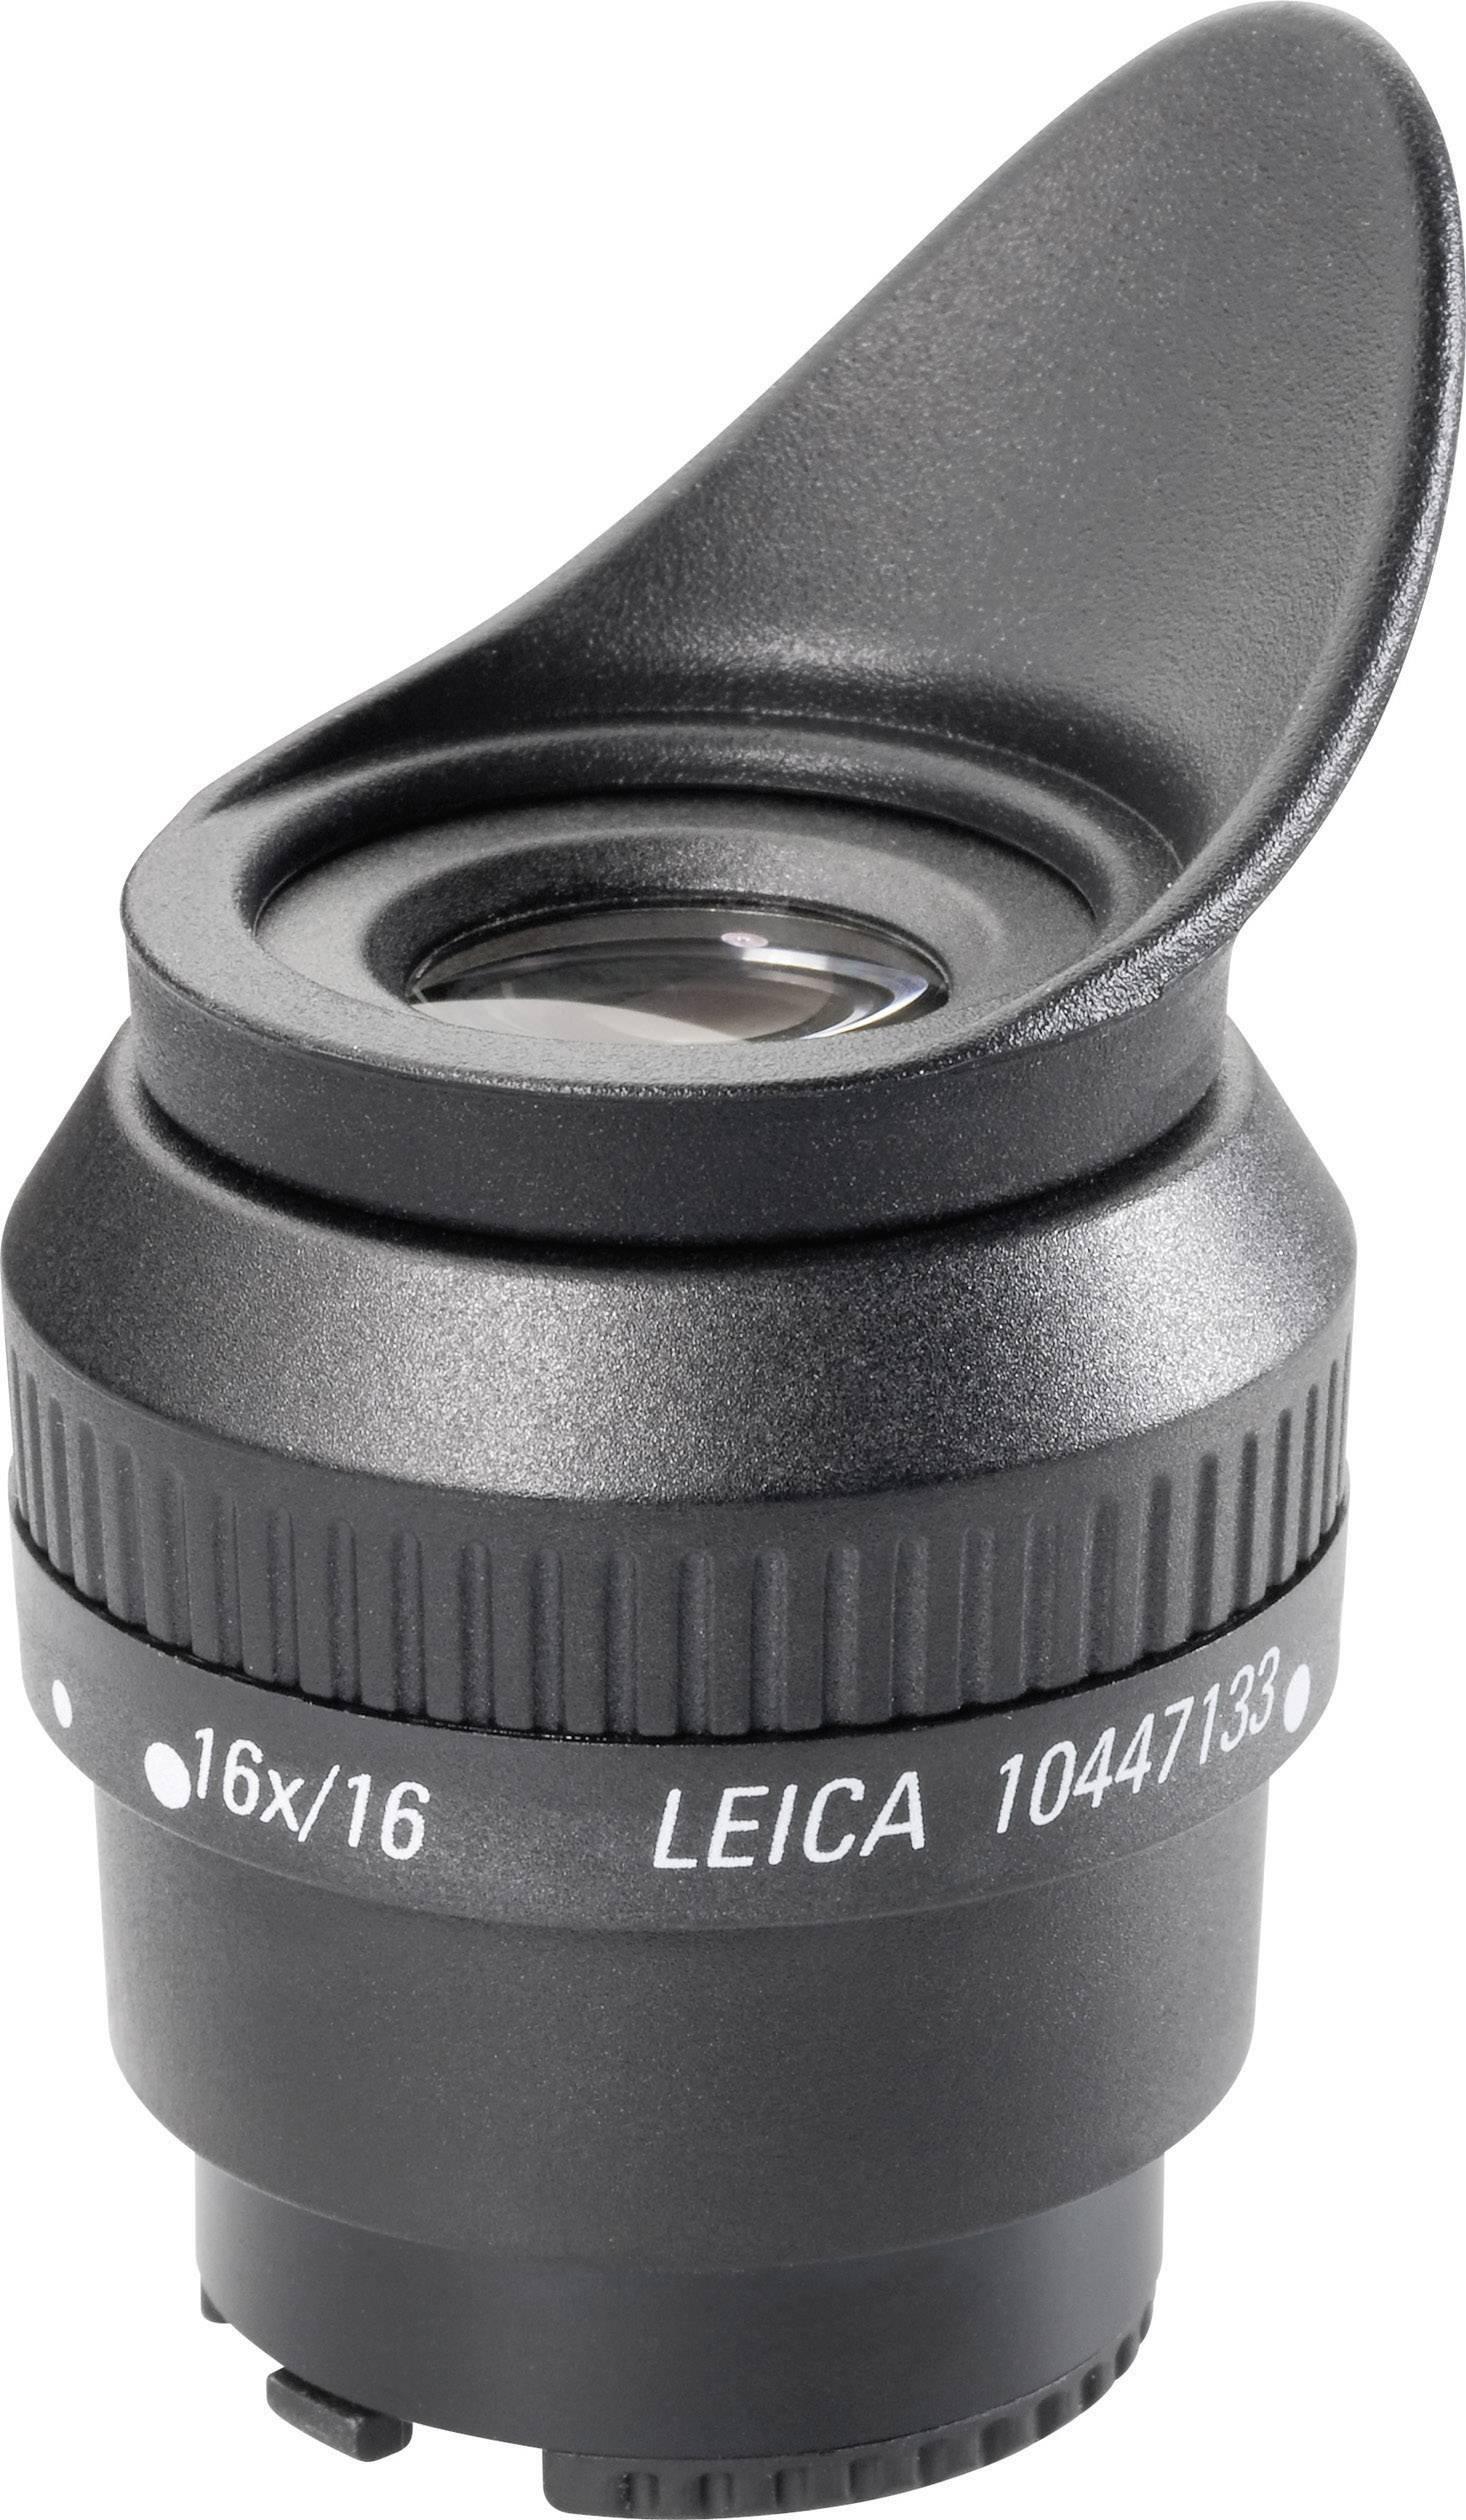 Okuláre 16X/16 Leica, nastaviteľné, pre EZ4, 10447133